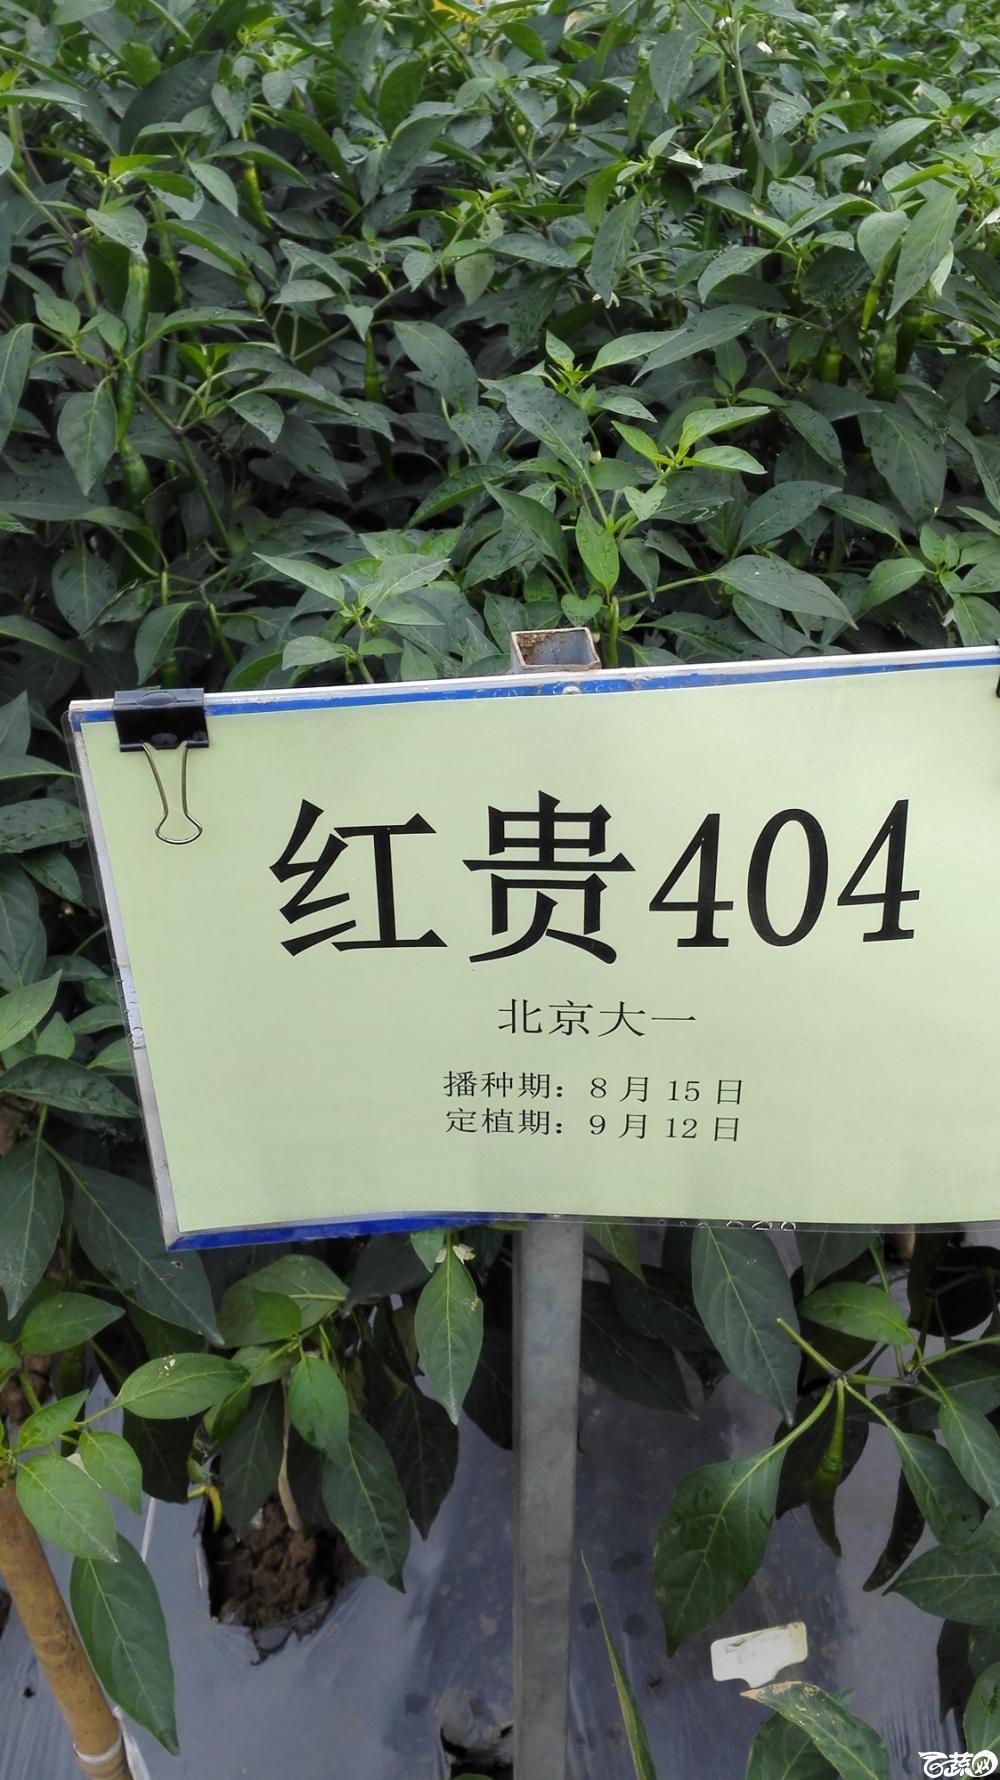 2014年12月8号中山蔬菜新品种展示会_辣椒_019.jpg